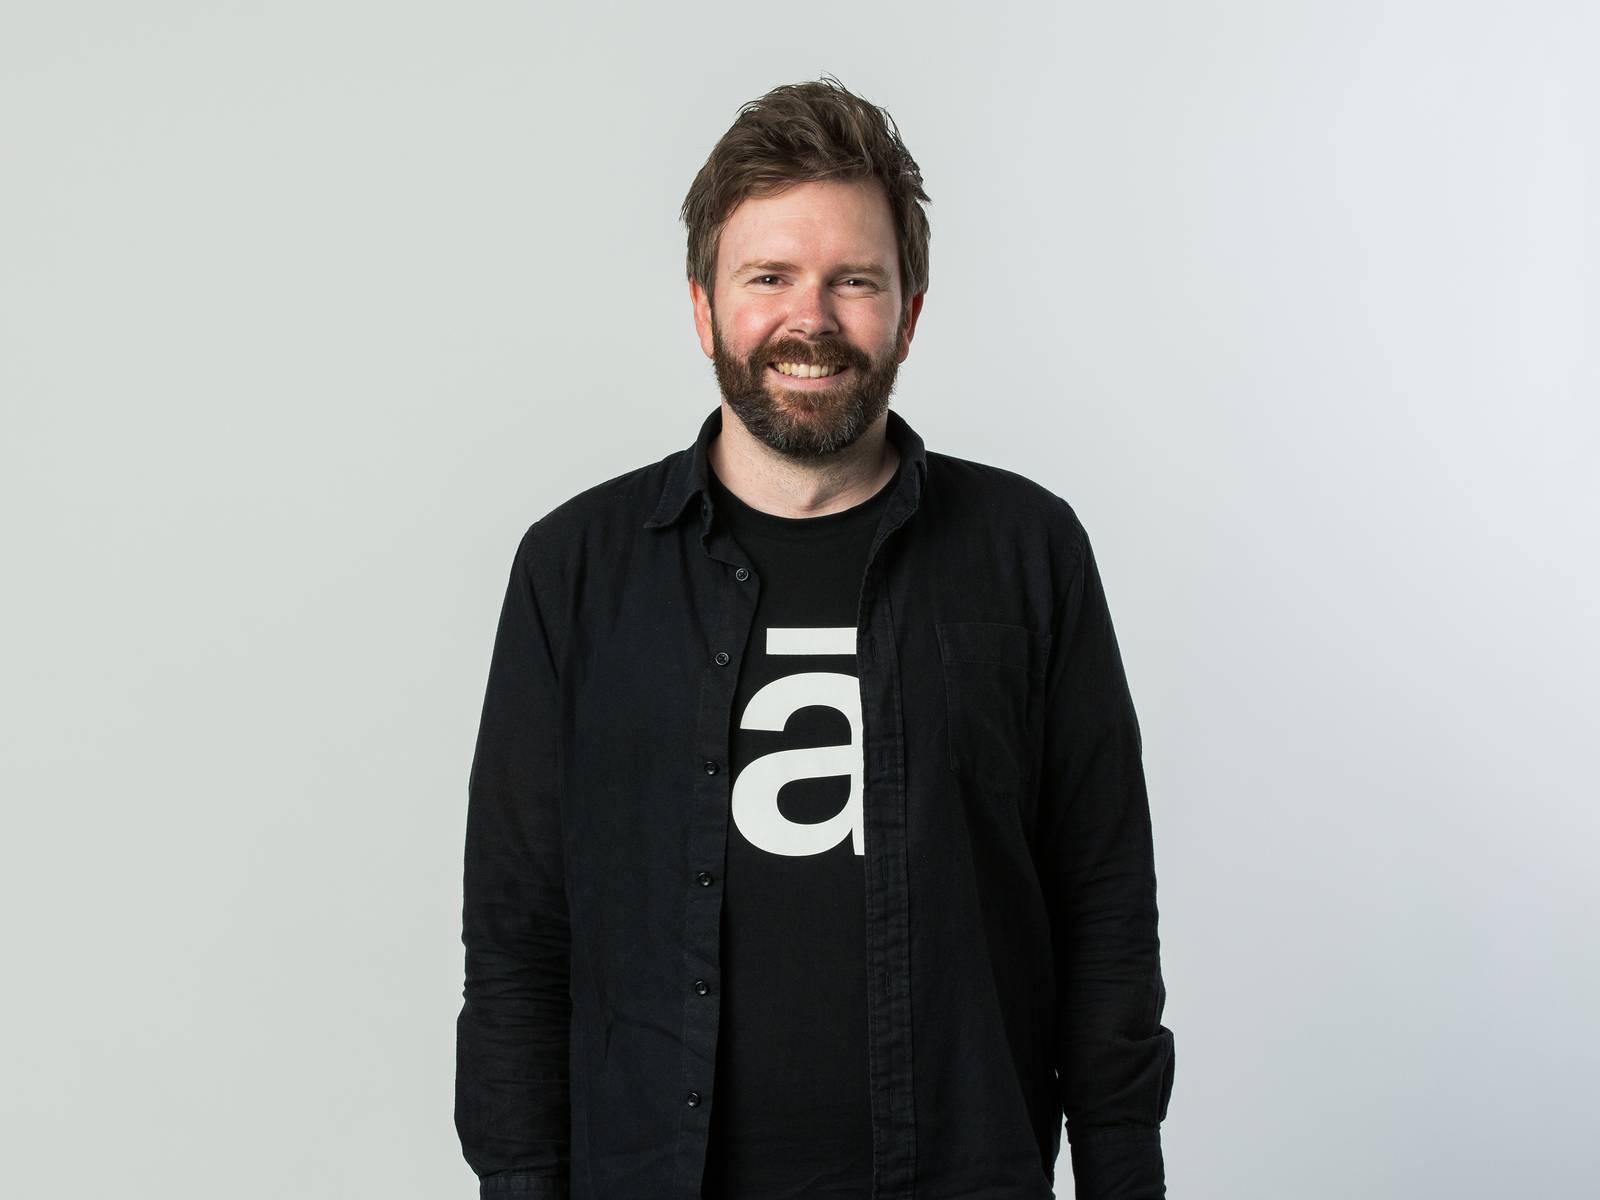 A profile image of Dan Newman